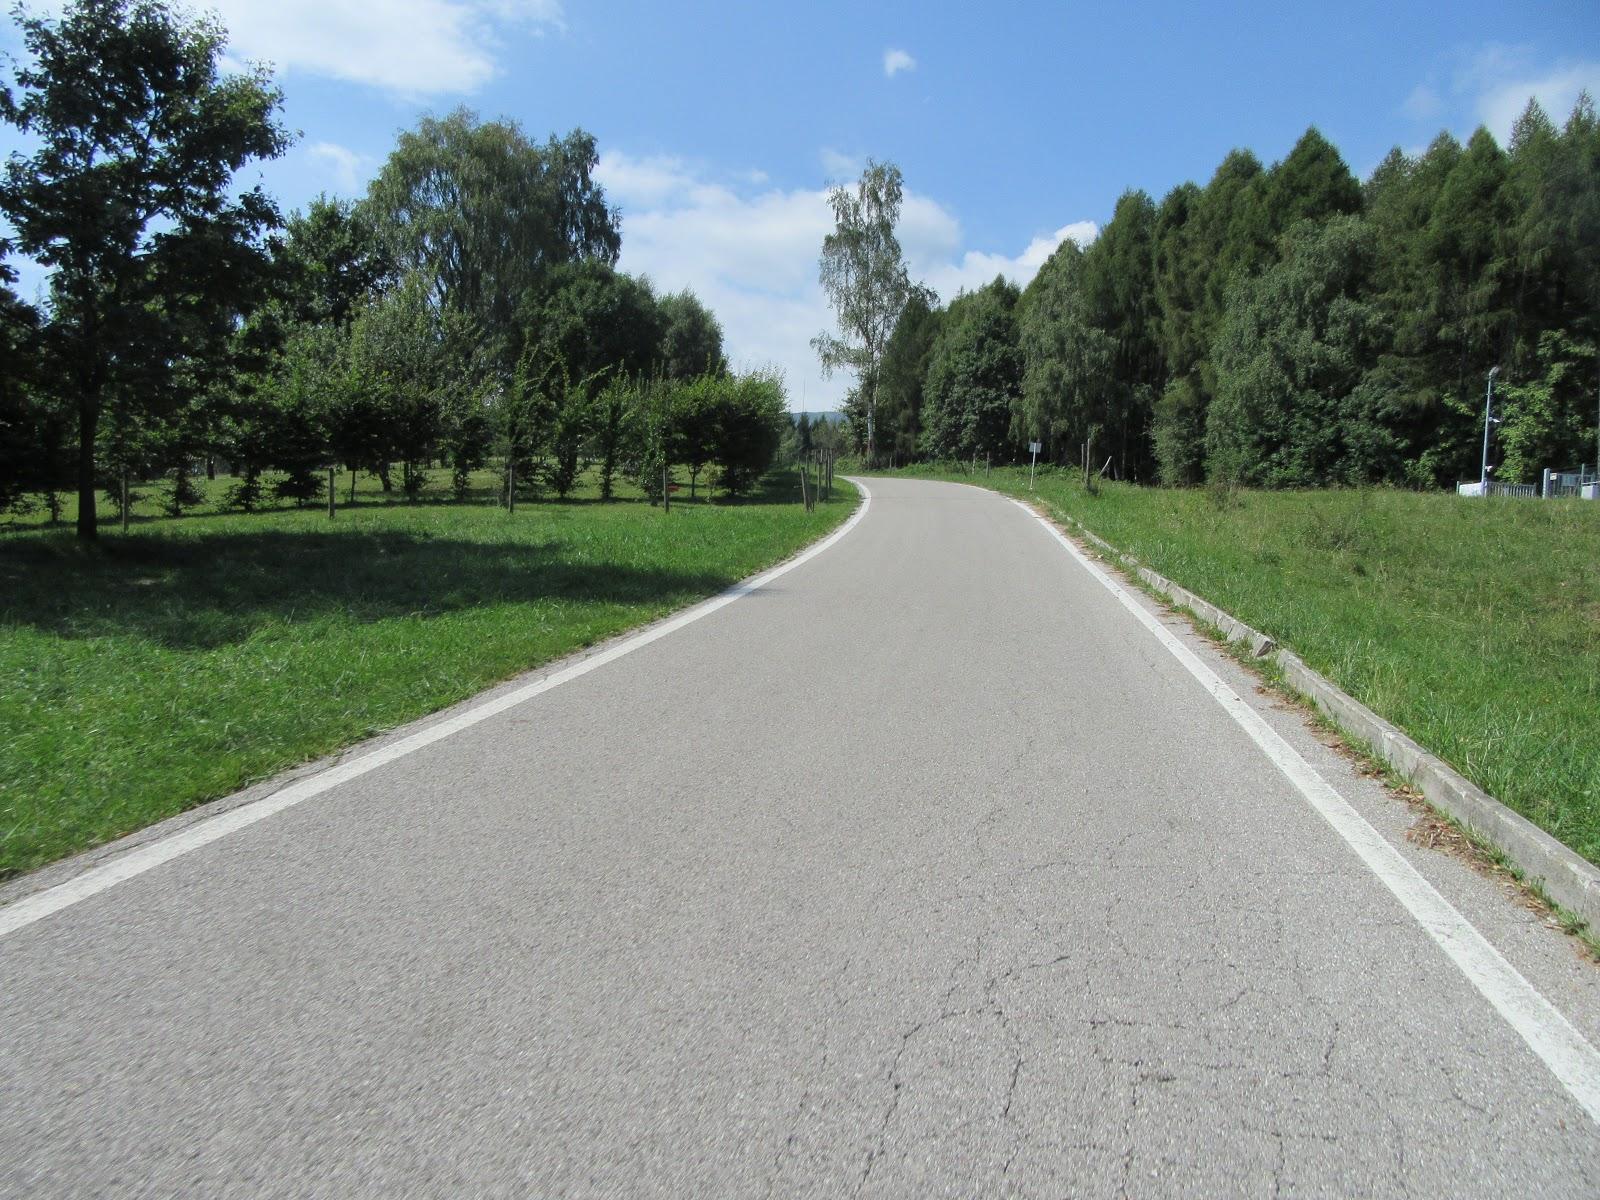 Biking Monte Grappa from Possagno  - road